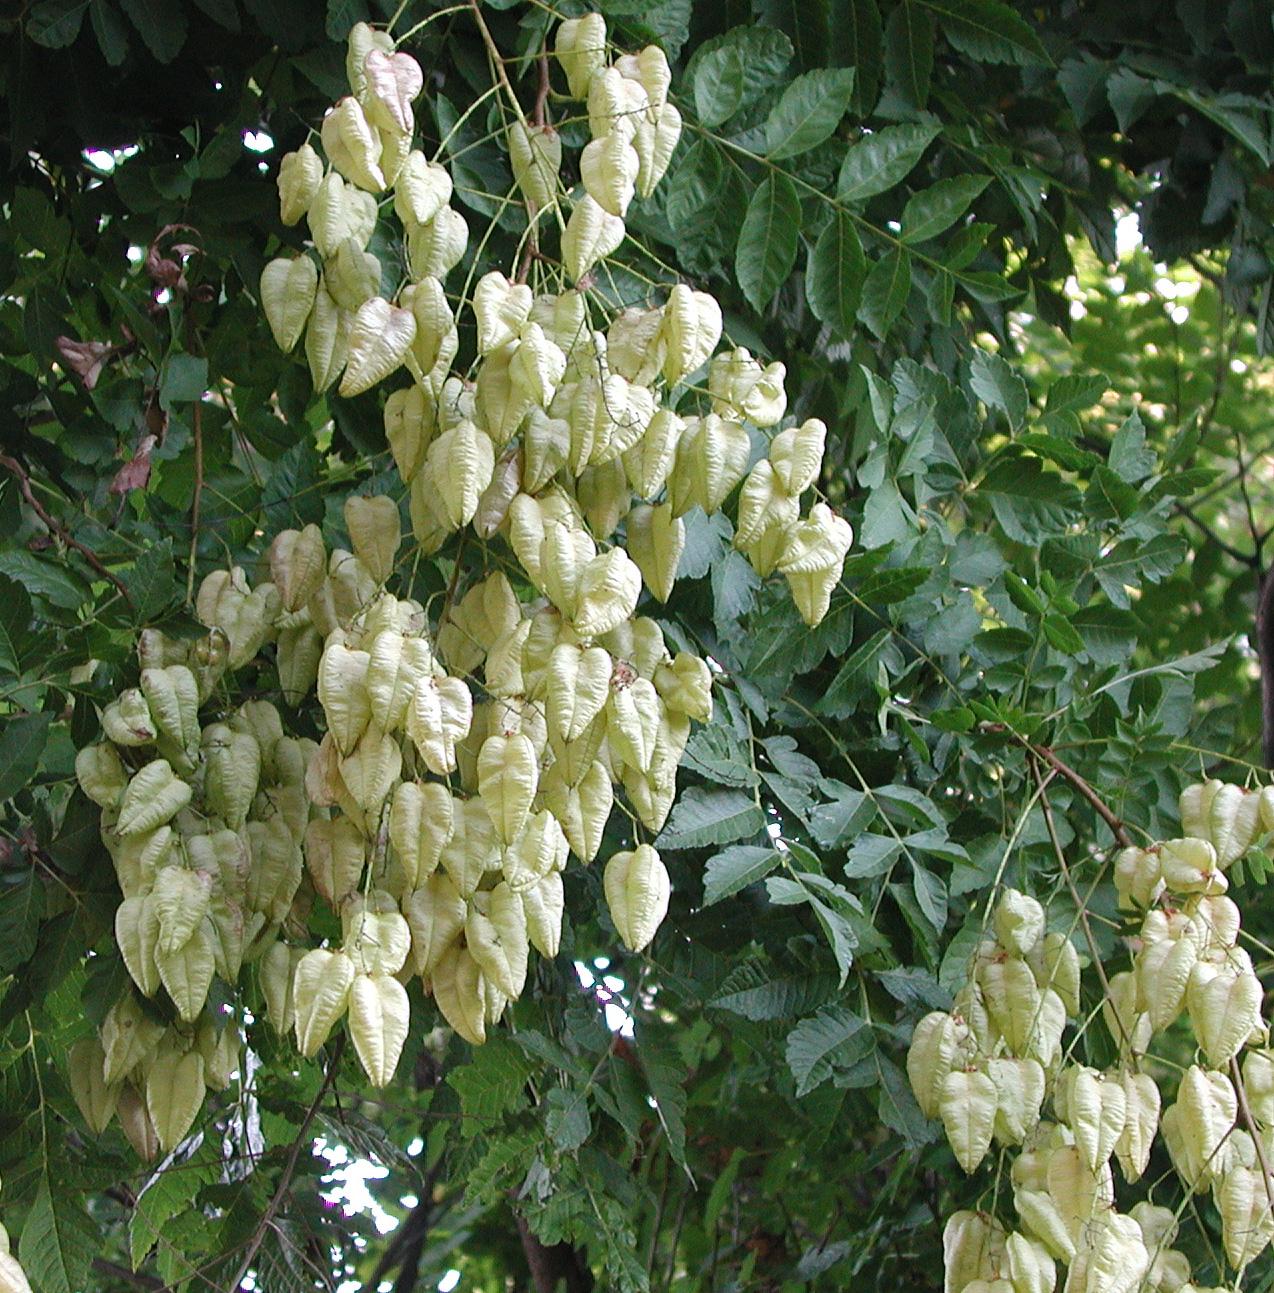 Summer Seedpods